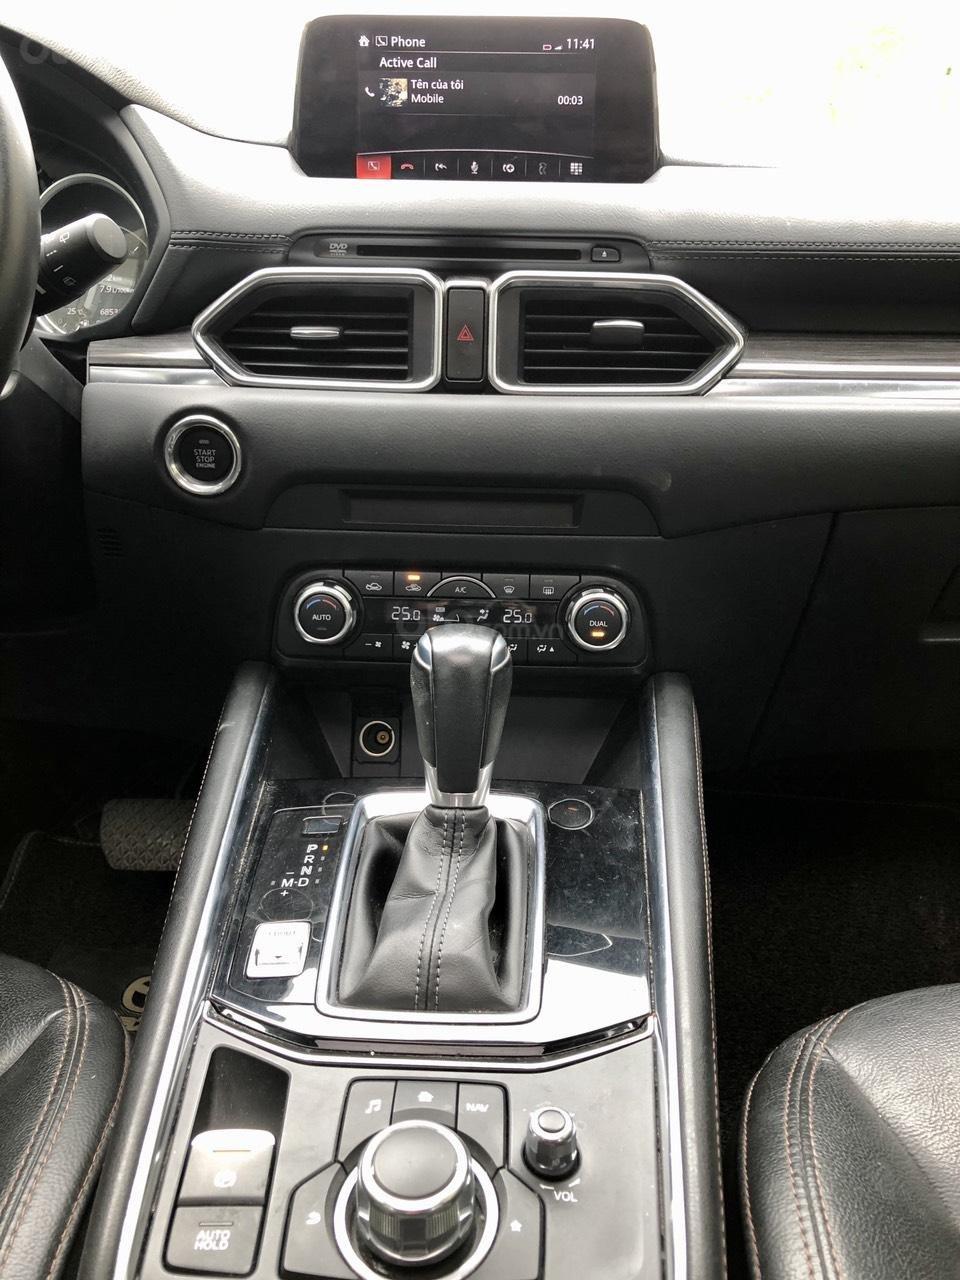 [Hot] bán nhanh Mazda CX5 2.5 đời 2018 màu trắng, xe 1 chủ từ đầu biển HN, xe đẹp không 1 lỗi nhỏ (13)